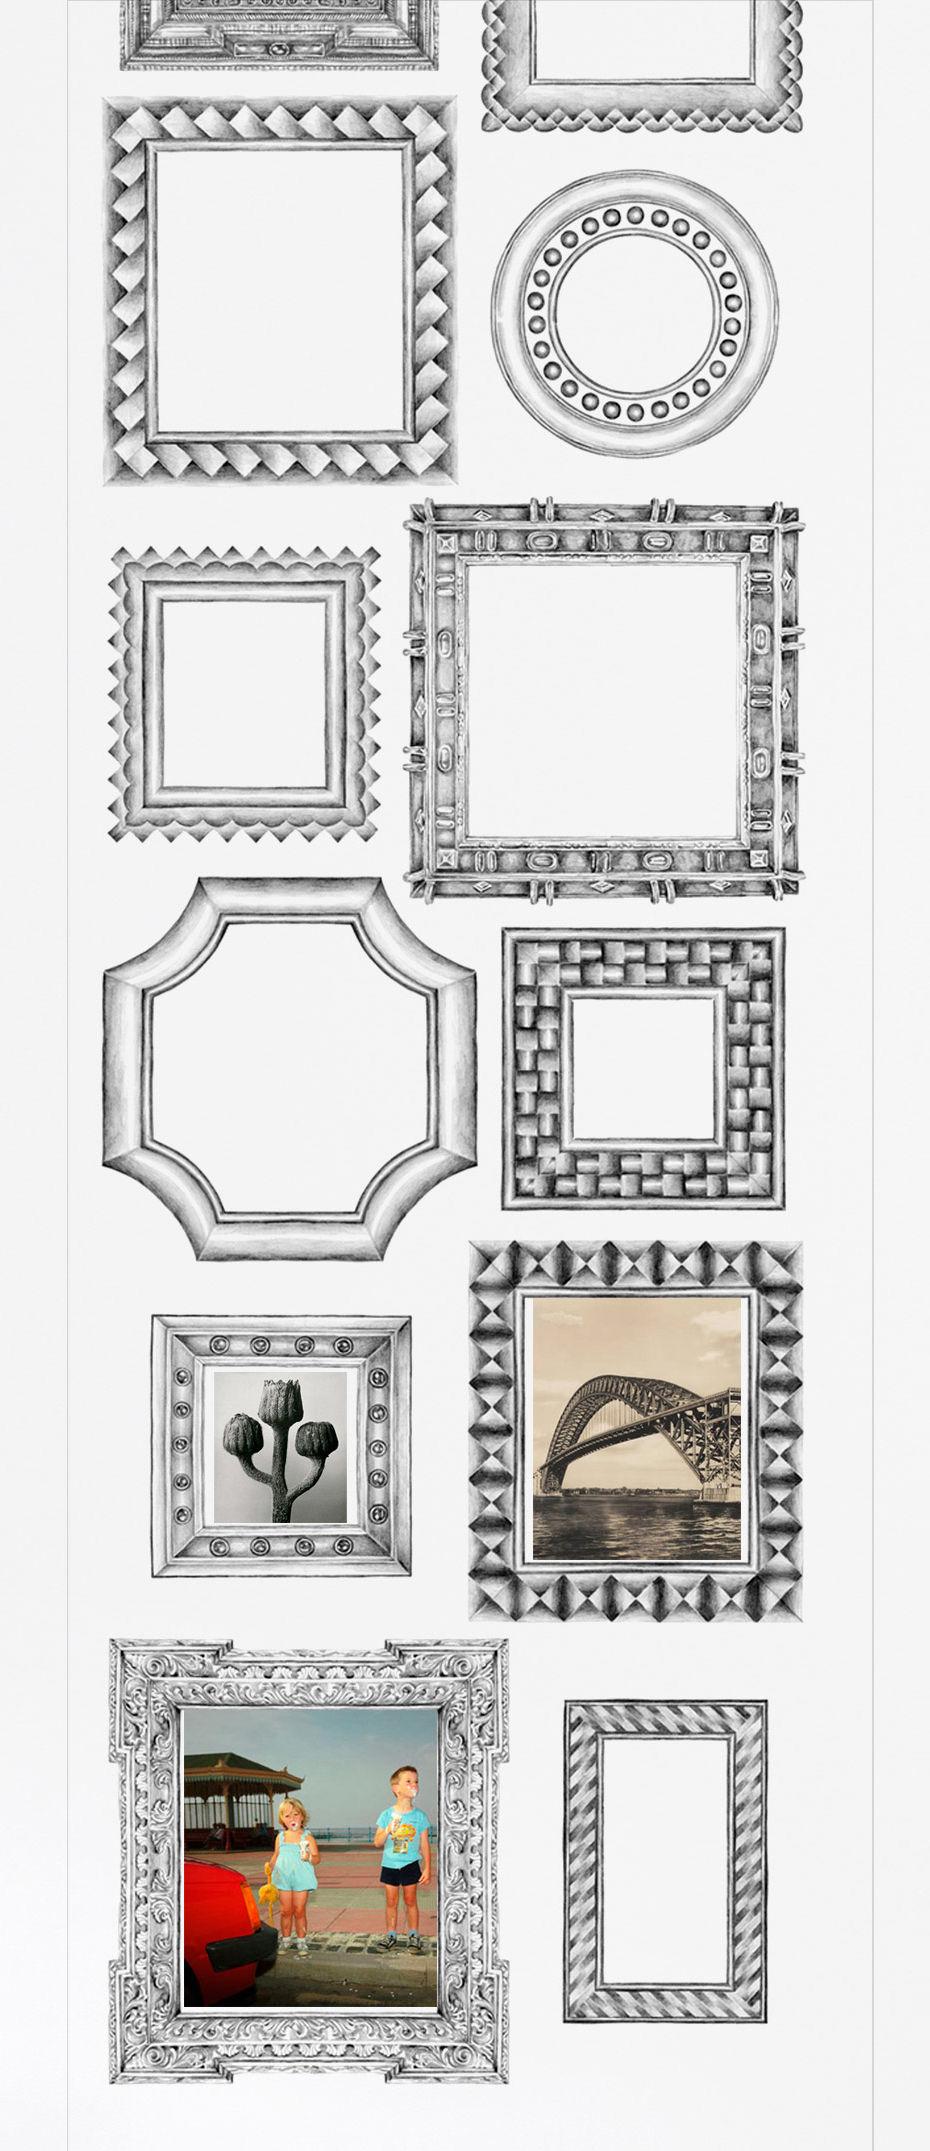 papier peint cadres verticaux 1 l cadres verticaux noir domestic. Black Bedroom Furniture Sets. Home Design Ideas